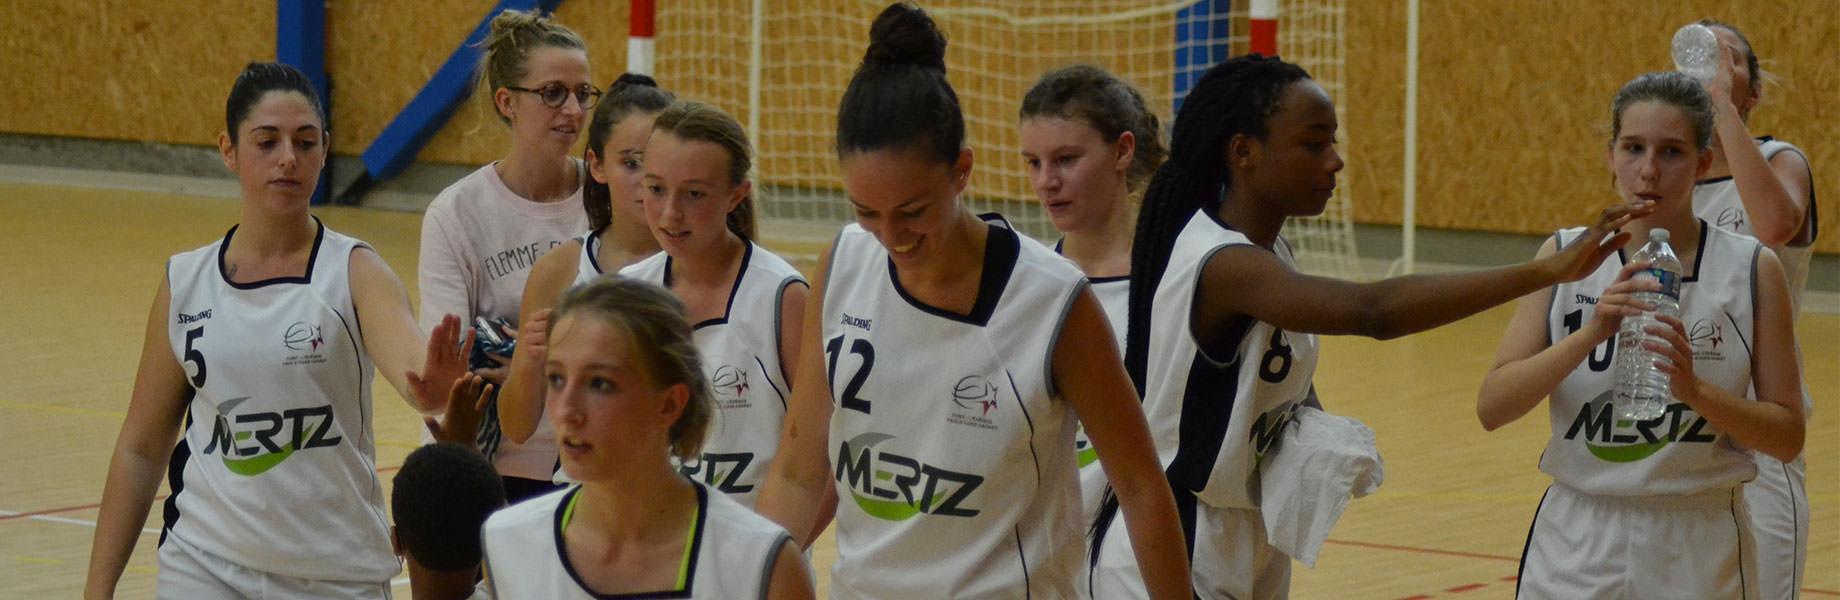 Équipe de basket de Pont-l'Évêque